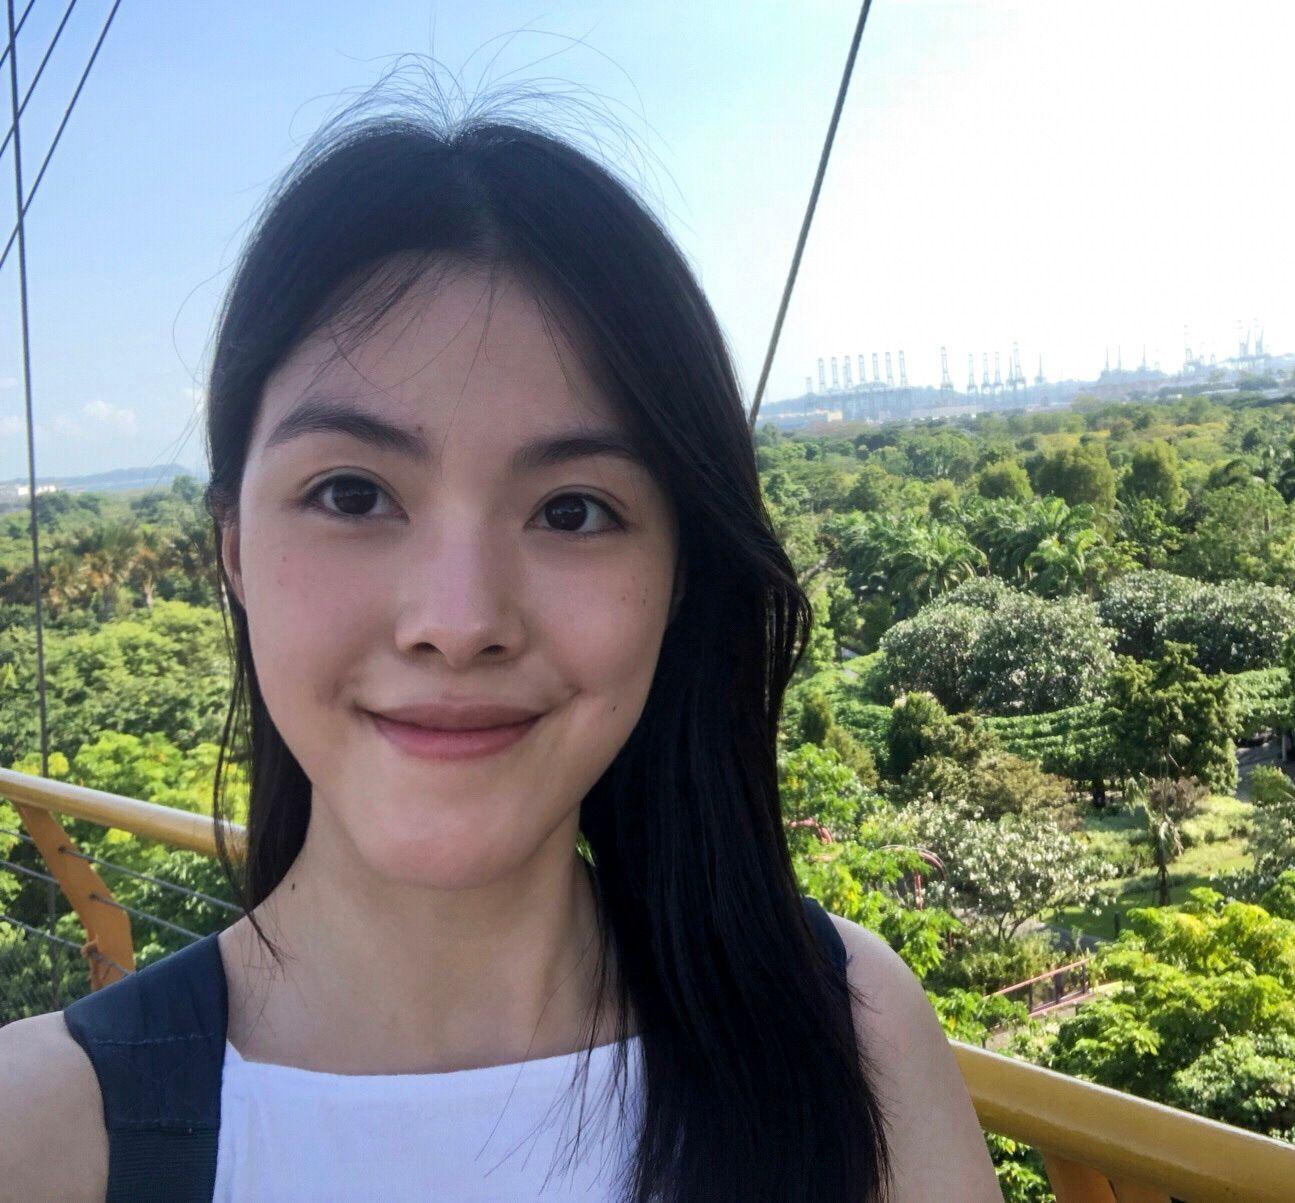 Introducing Sheryl Lau